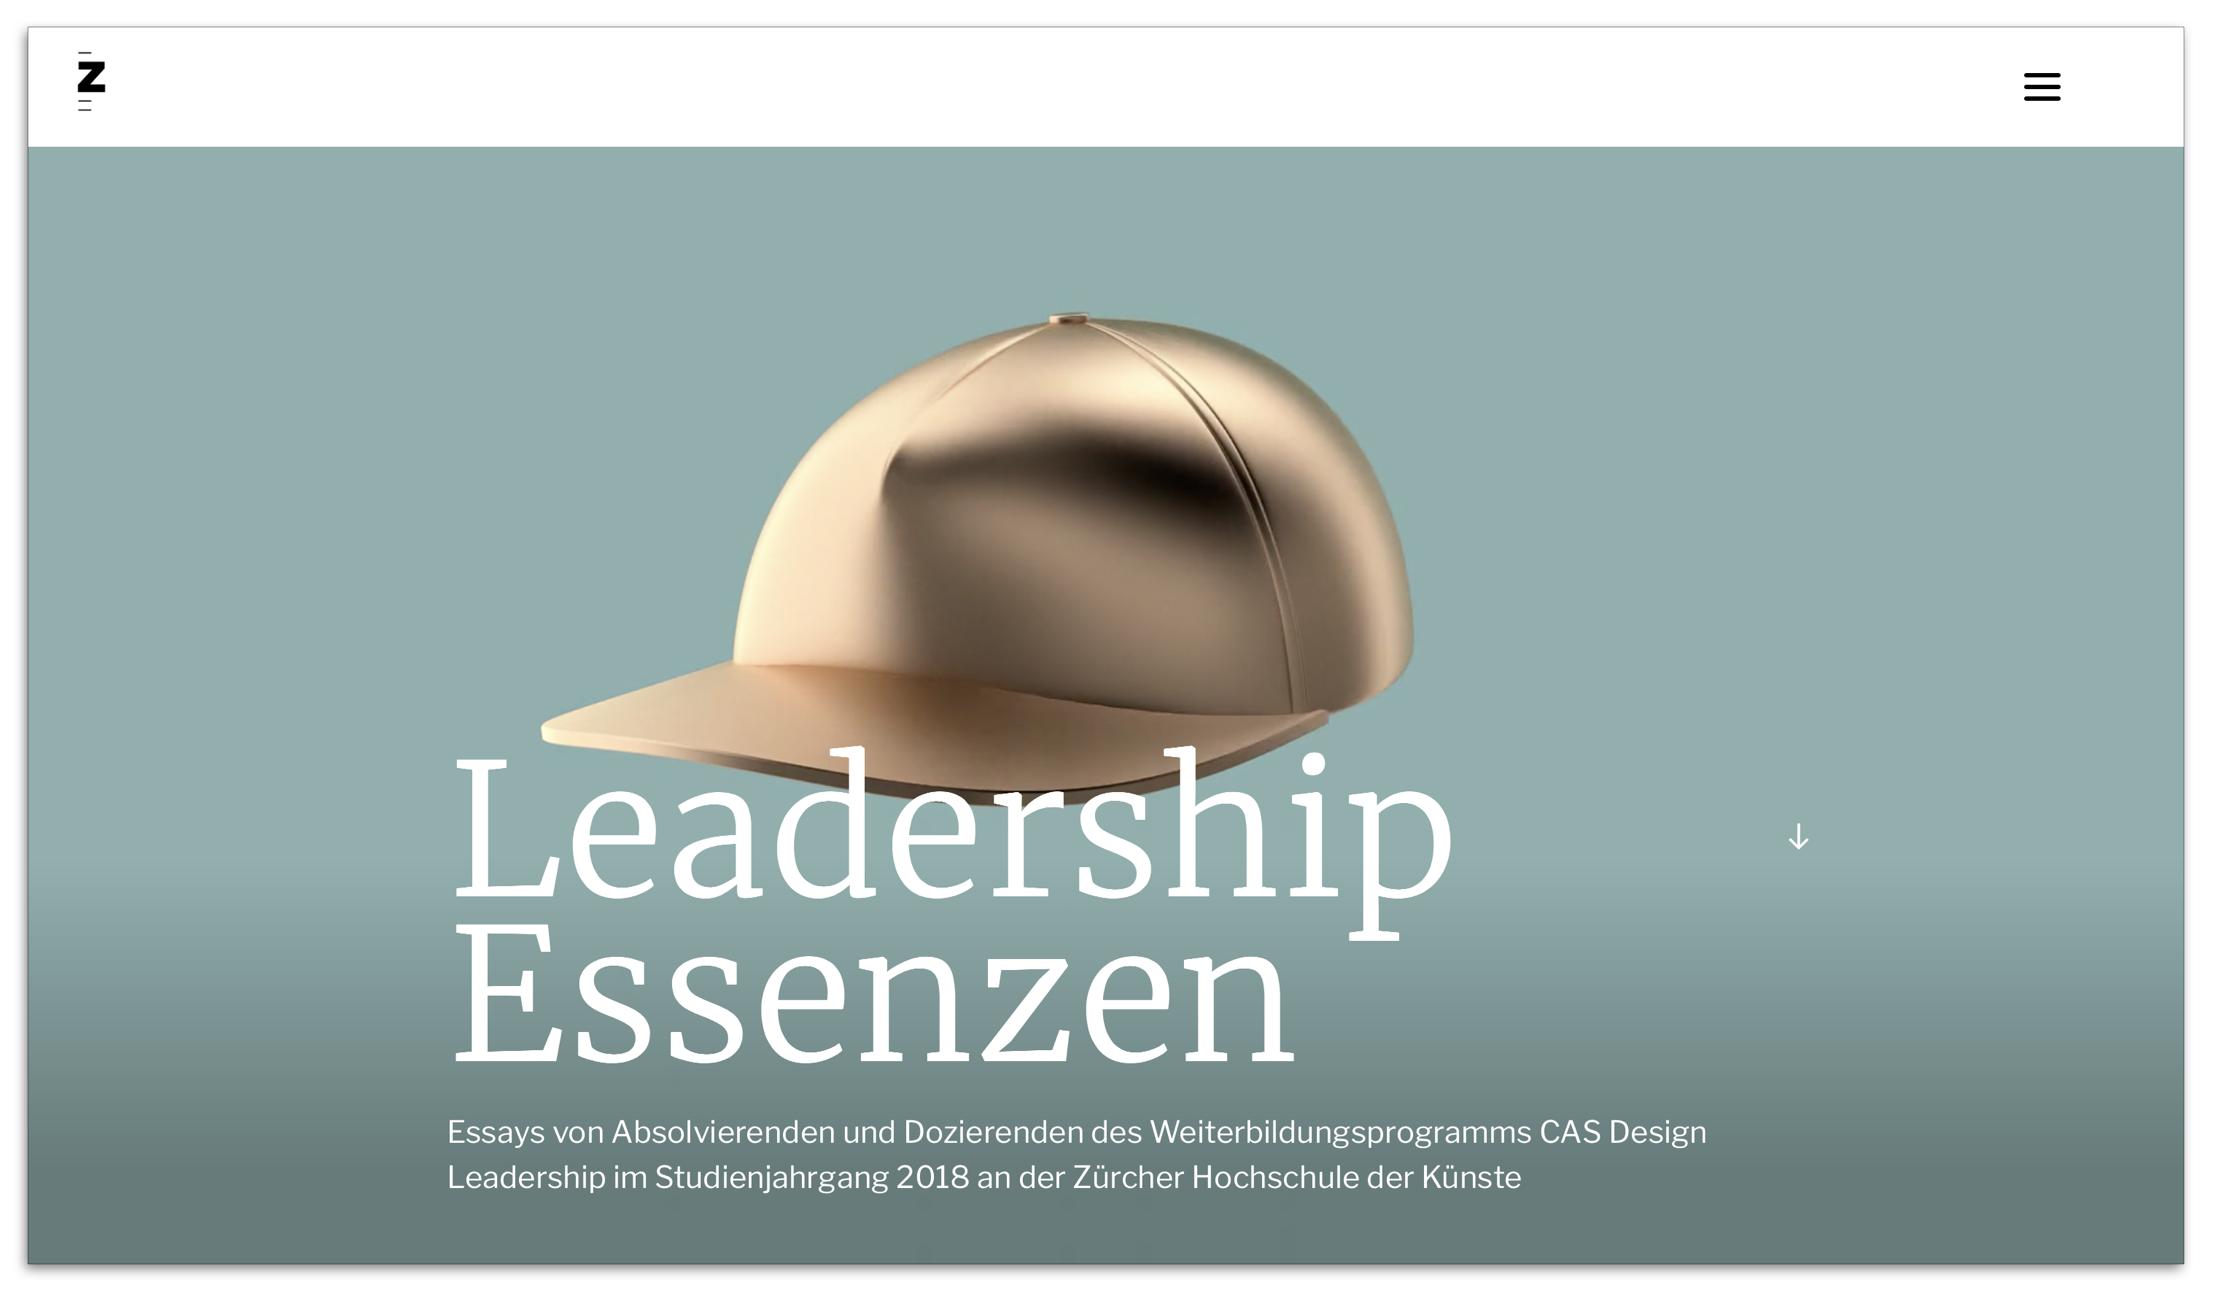 Wulf-Peter Kemper ist Keynote Speaker und Gastdozent an der Zürcher Hochschule der Künste. CAS Leadership im Studiengang 2018. Zum Gastbeitrag: http://essenzen.designleadership.zhdk.ch/leadership-braucht-typen/